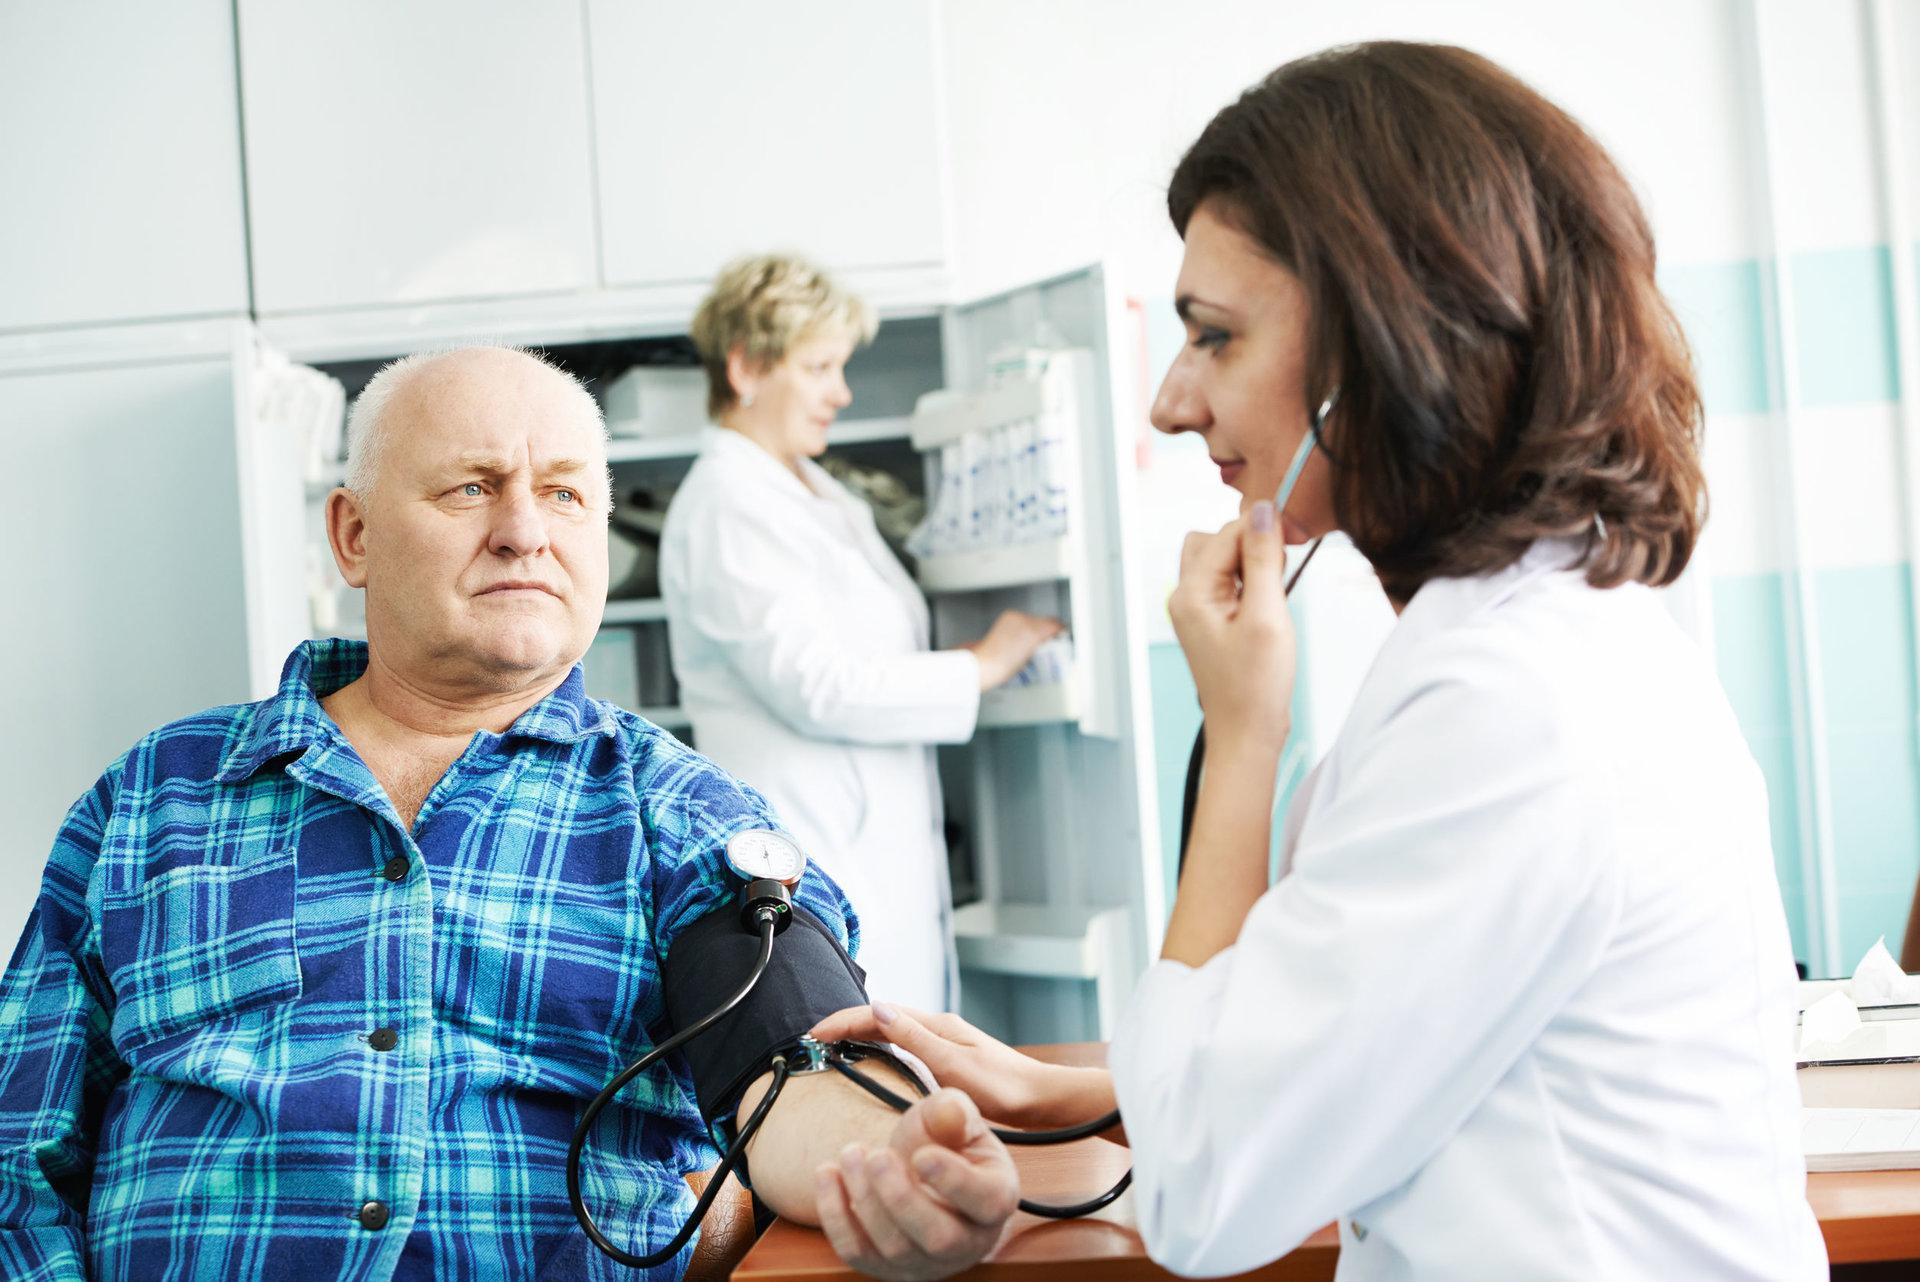 15 produktų, kurie padės sumažinti kraujo spaudimą » Naujienos ir Televizija - mul.lt